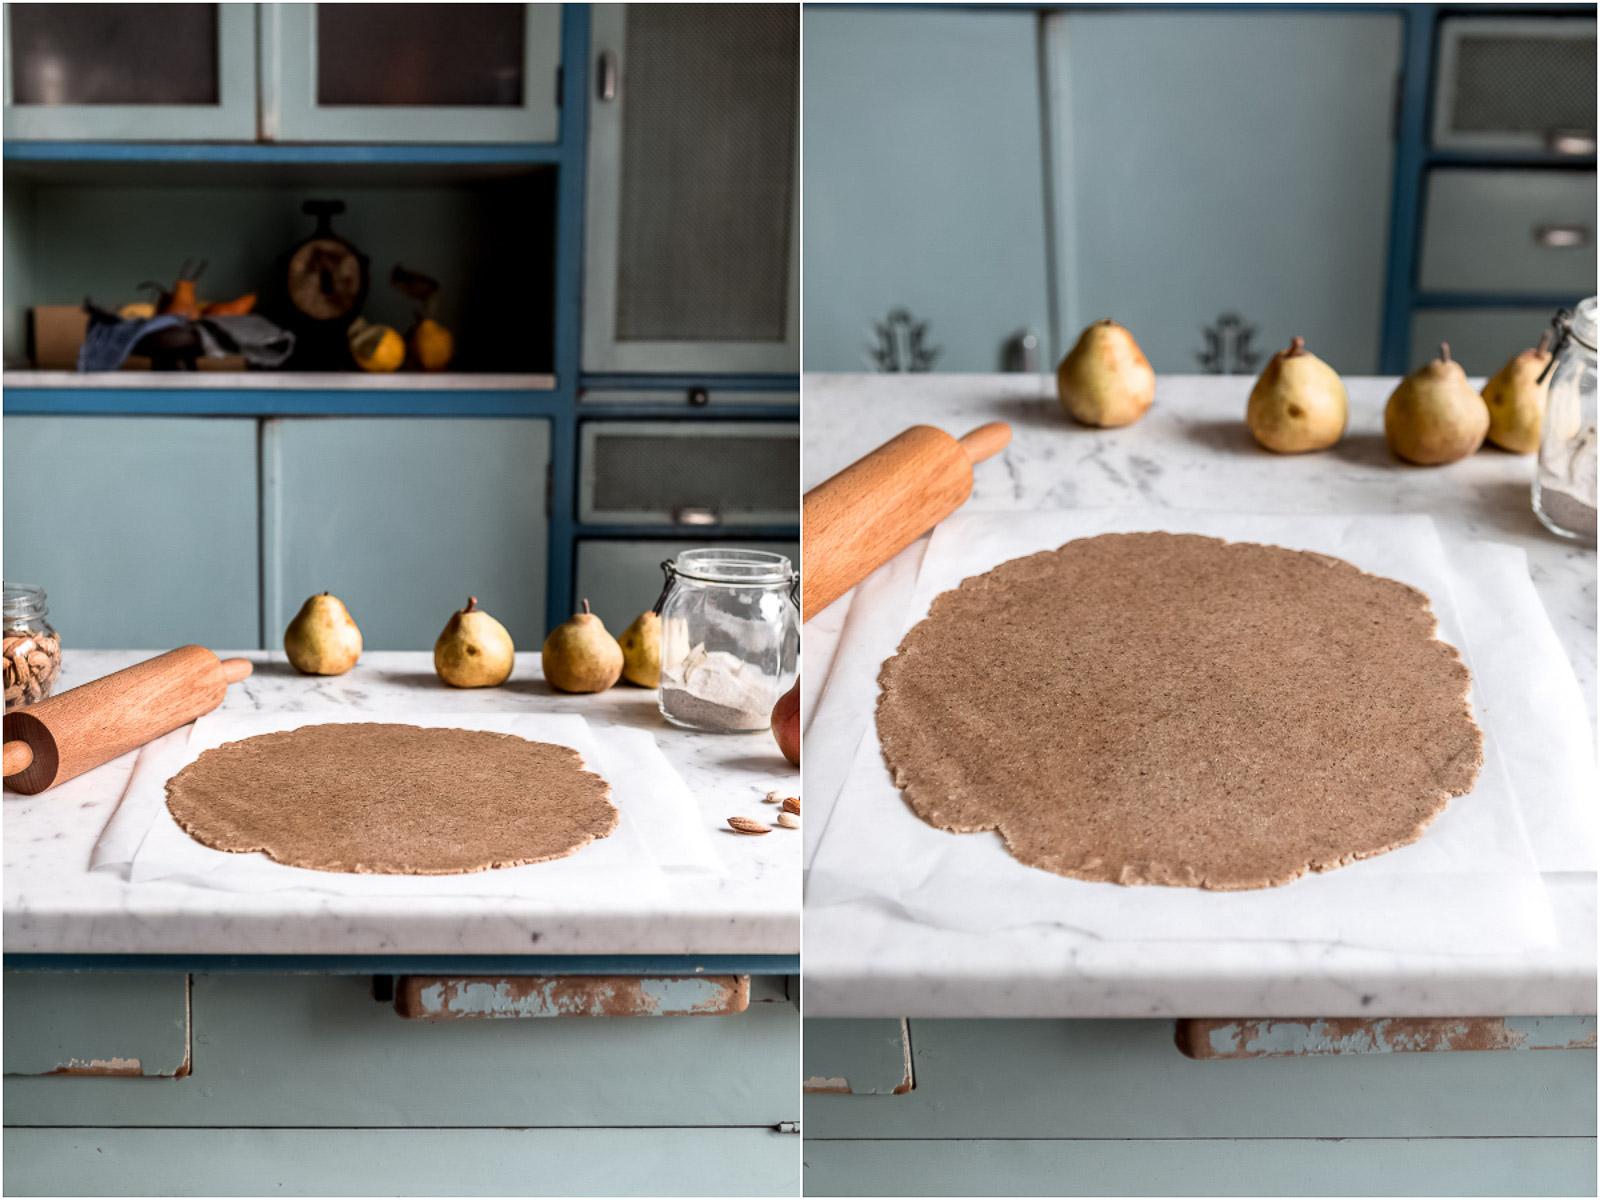 ricetta Galette al cioccolato e pere pasta frolla al grano saraceno e mandorle vegan senza glutine gluten-free Vegan Chocolate Pear Galette tart with buckwheat flour and almonds